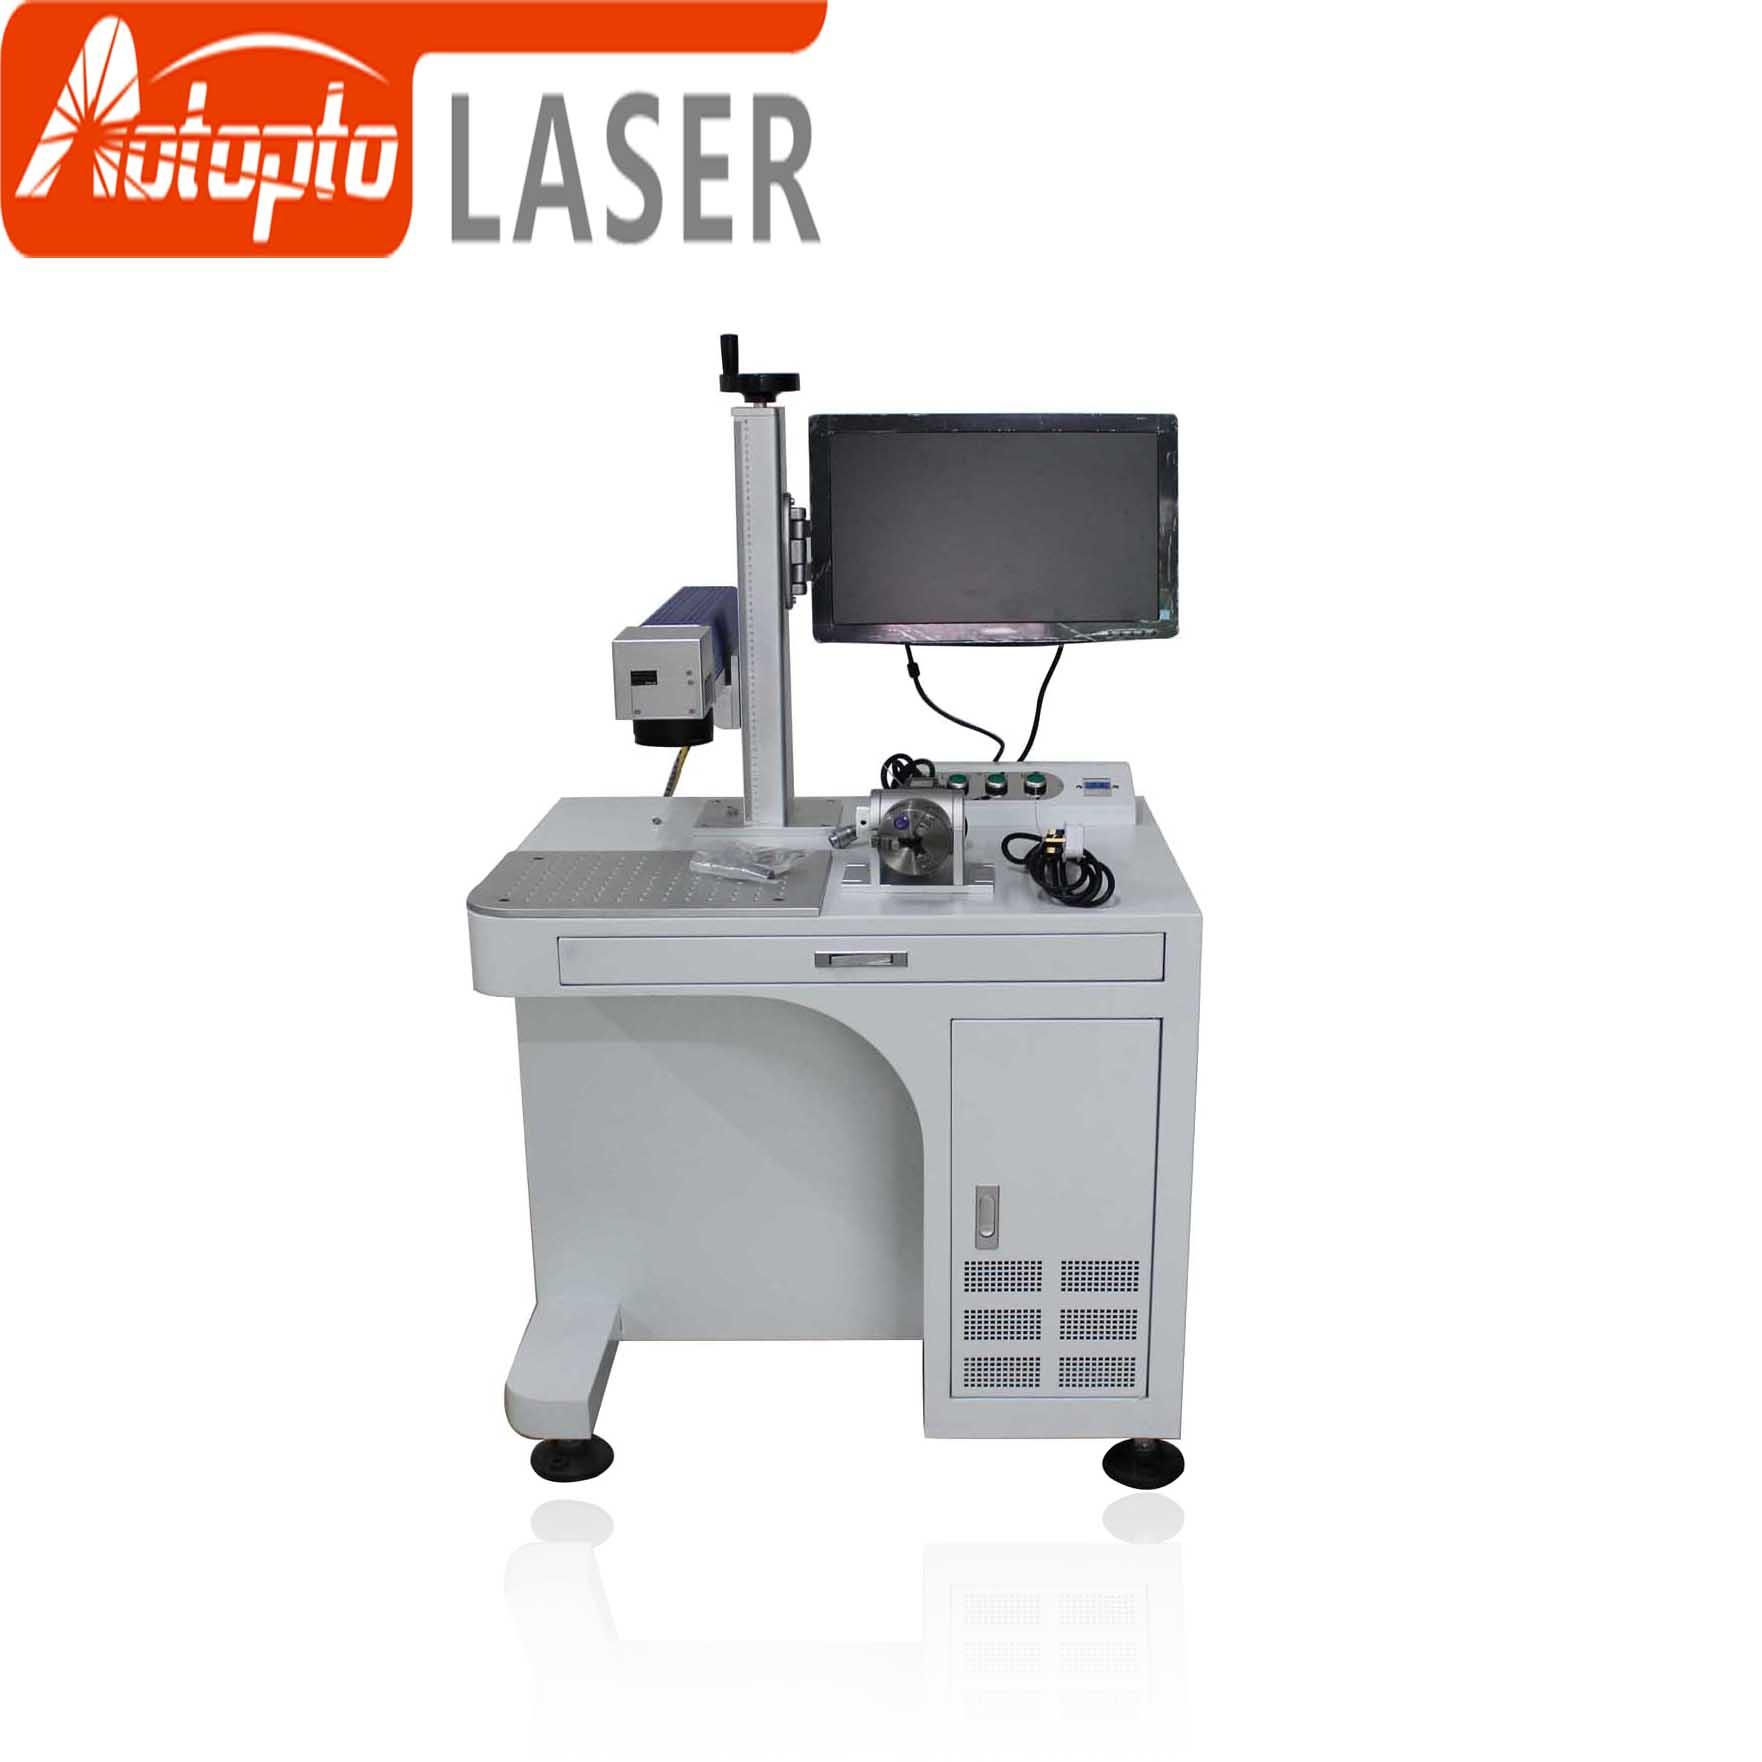 Fibe r20w 30W /50wRaycus fiber laser marking machine metal engraving diy cnc